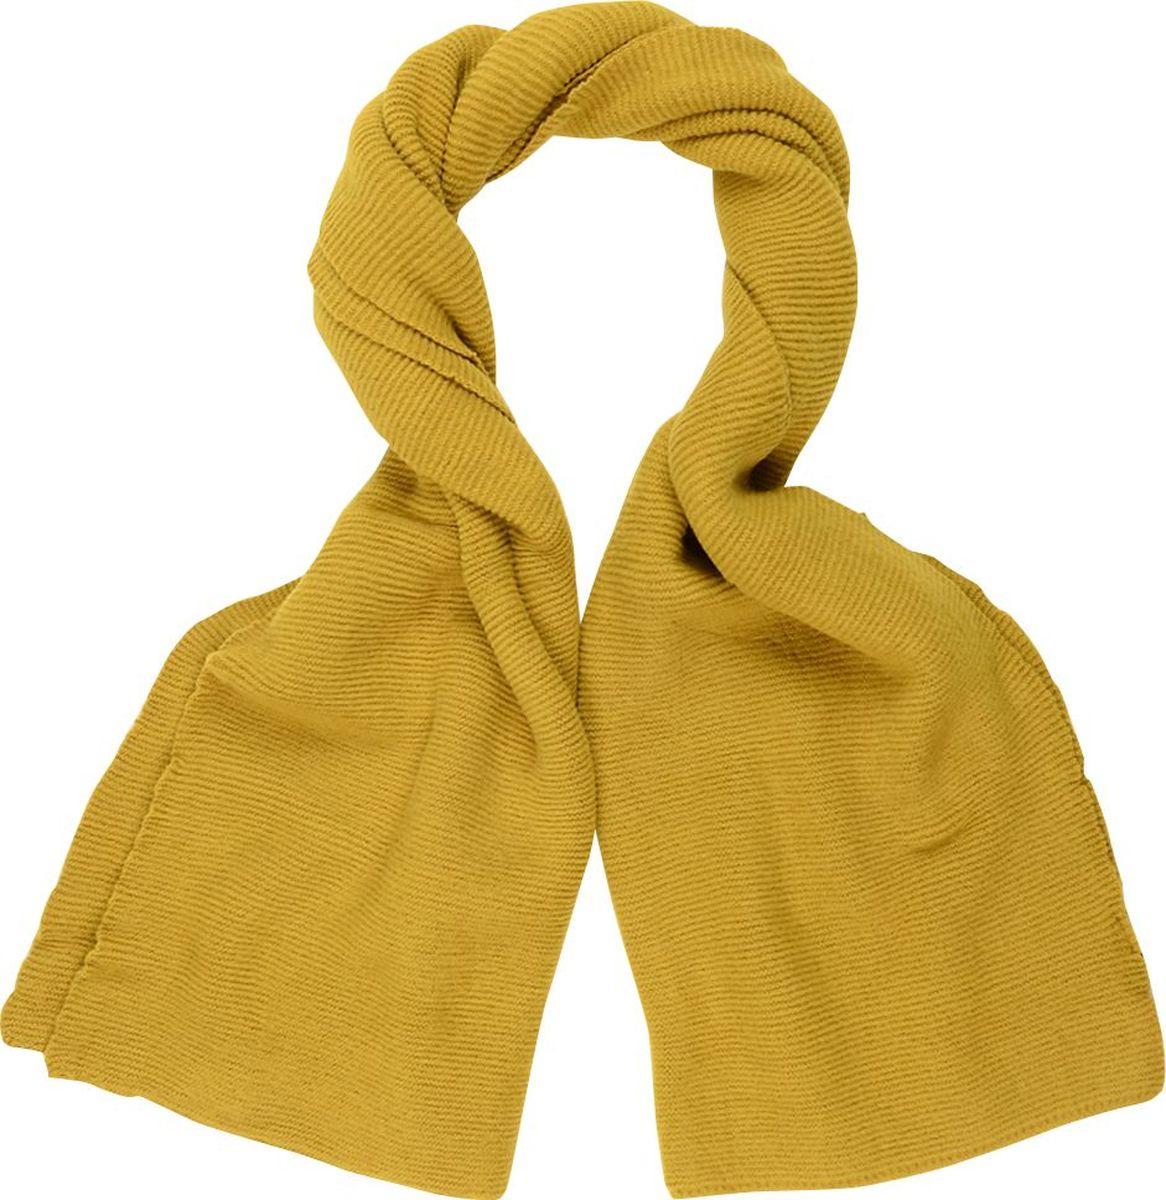 Шарф женский Laccom, цвет: салатовый. 3306. Размер 190 см х 70 см3306DШарф от Laccom, выполненный из высококачественного материала, приятный на ощупь и подойдет к любому стилю.